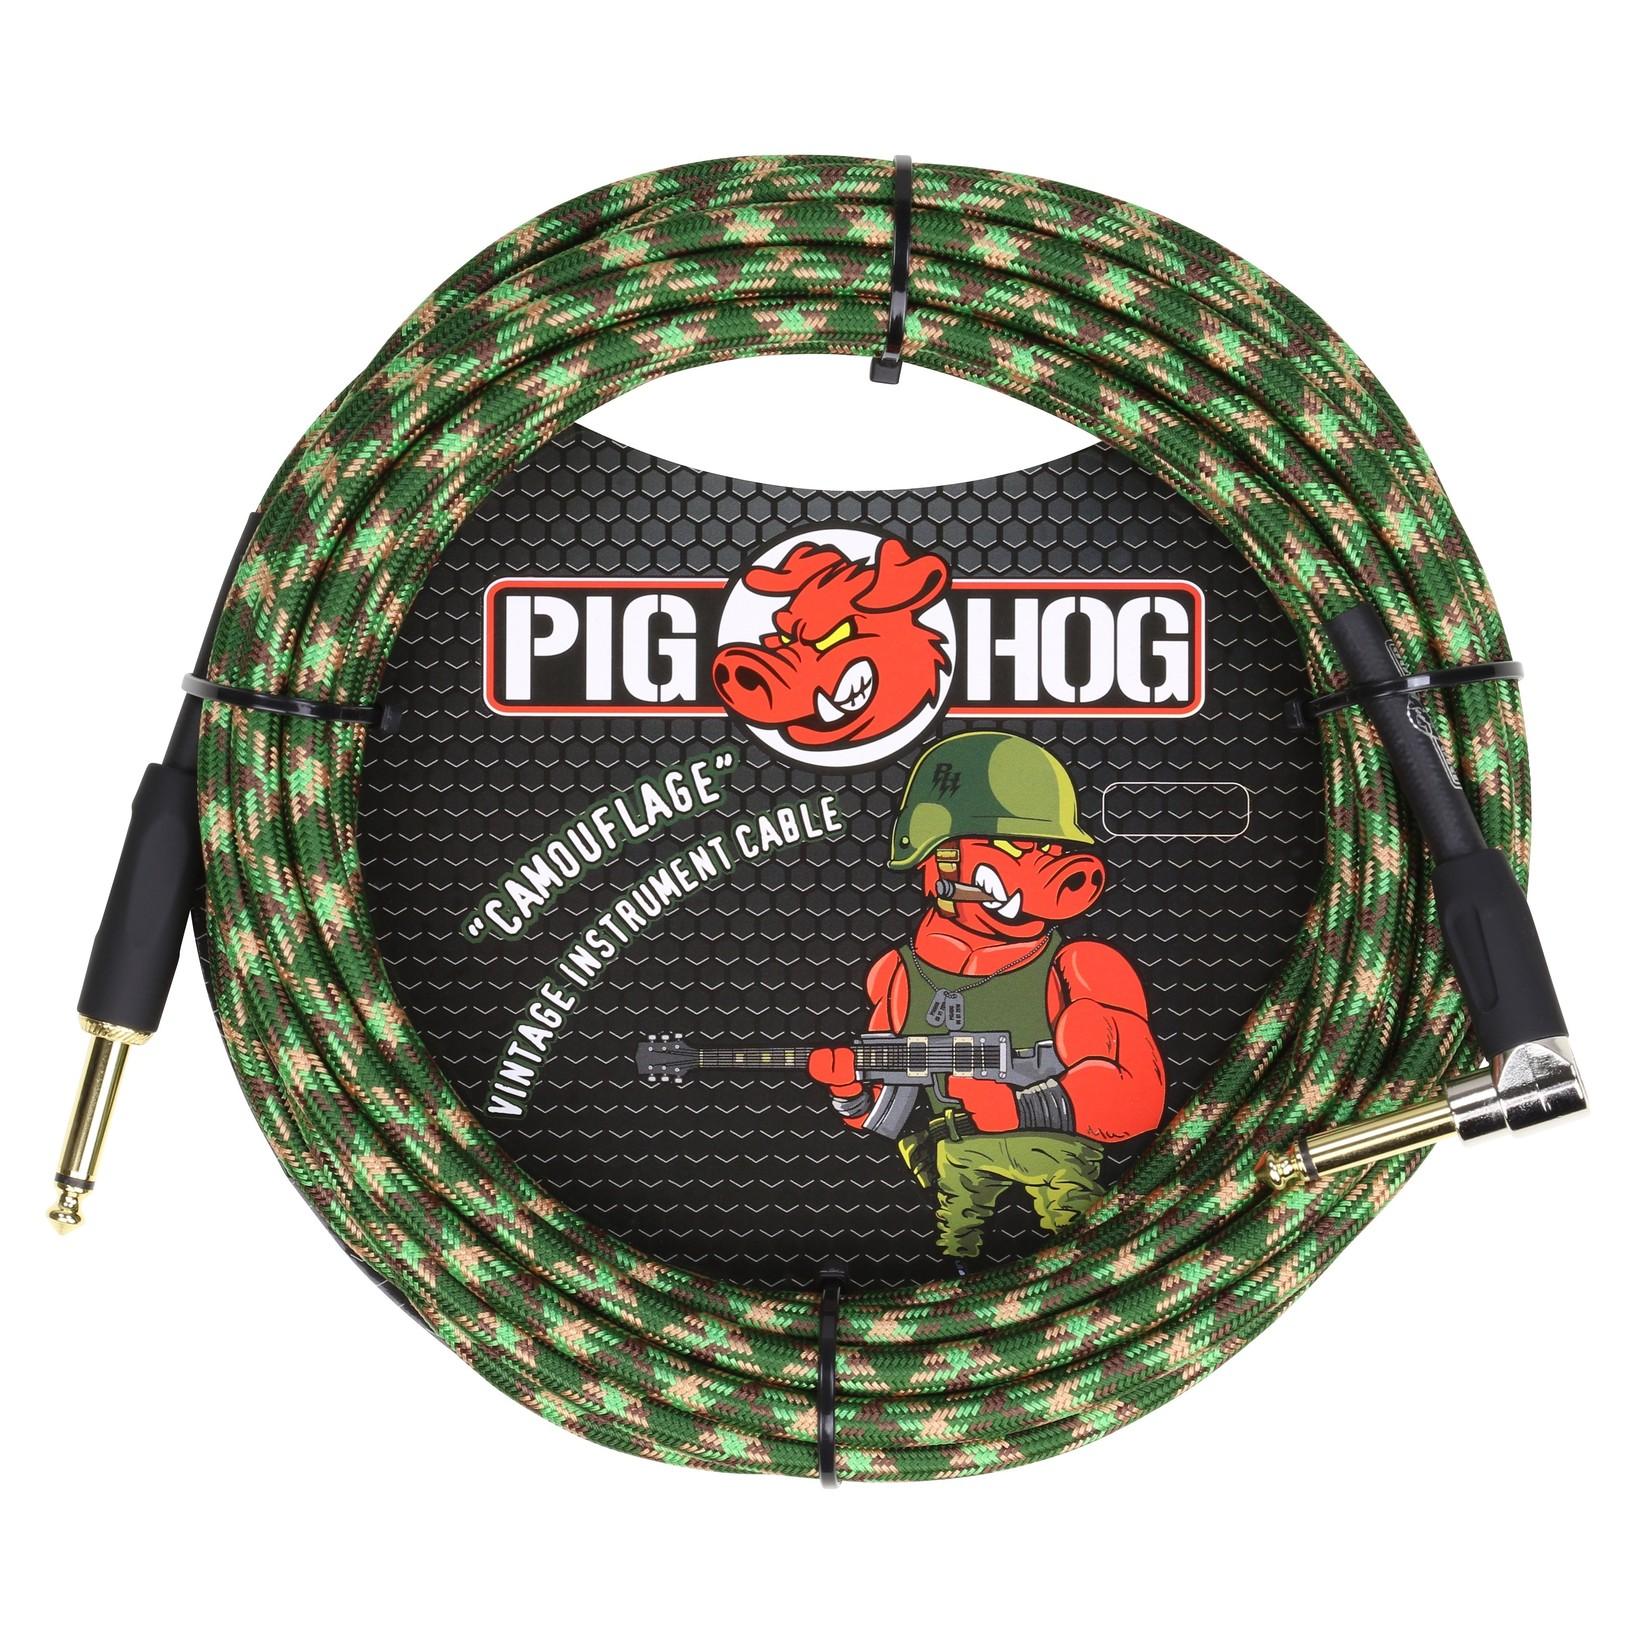 """Pig Hog Pig Hog """"Camouflage"""" Vintage Instrument Cable, 20ft Right Angle (PCH20CFR)"""